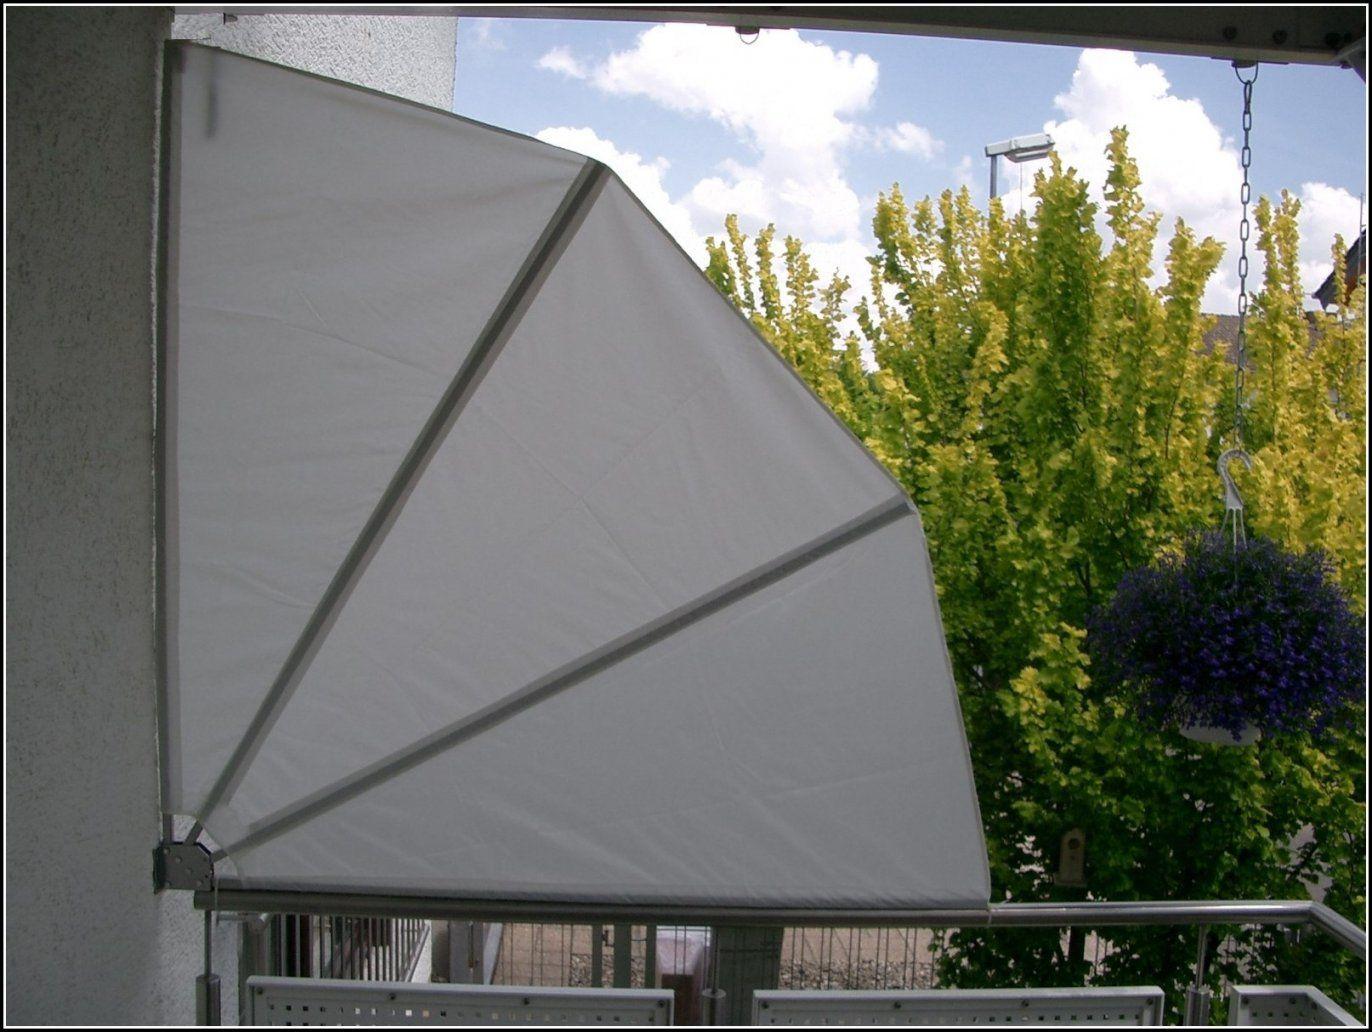 Inspirierend Haus Tipps Ebenfalls Sonnenschutz Balkon Ohne Bohren von Sonnensegel Balkon Ohne Bohren Photo